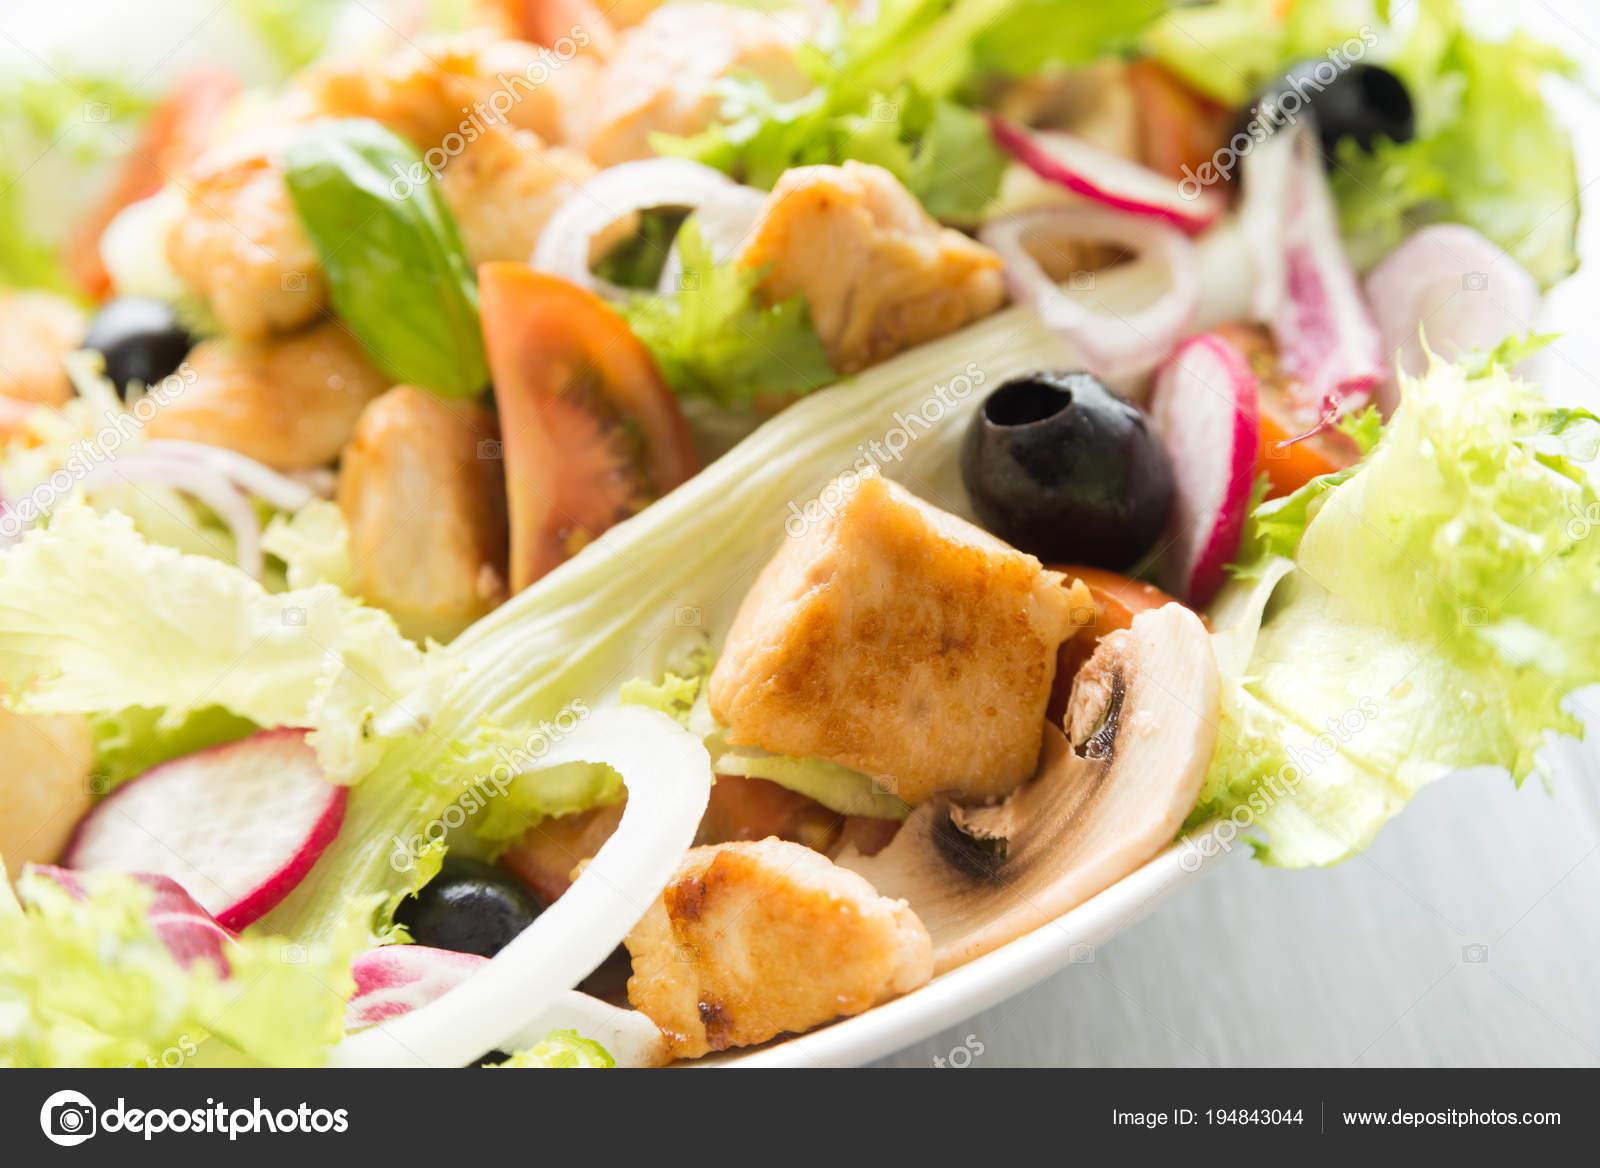 Image De Plat De Cuisine dish salad chicken meat various vegetables — stock photo